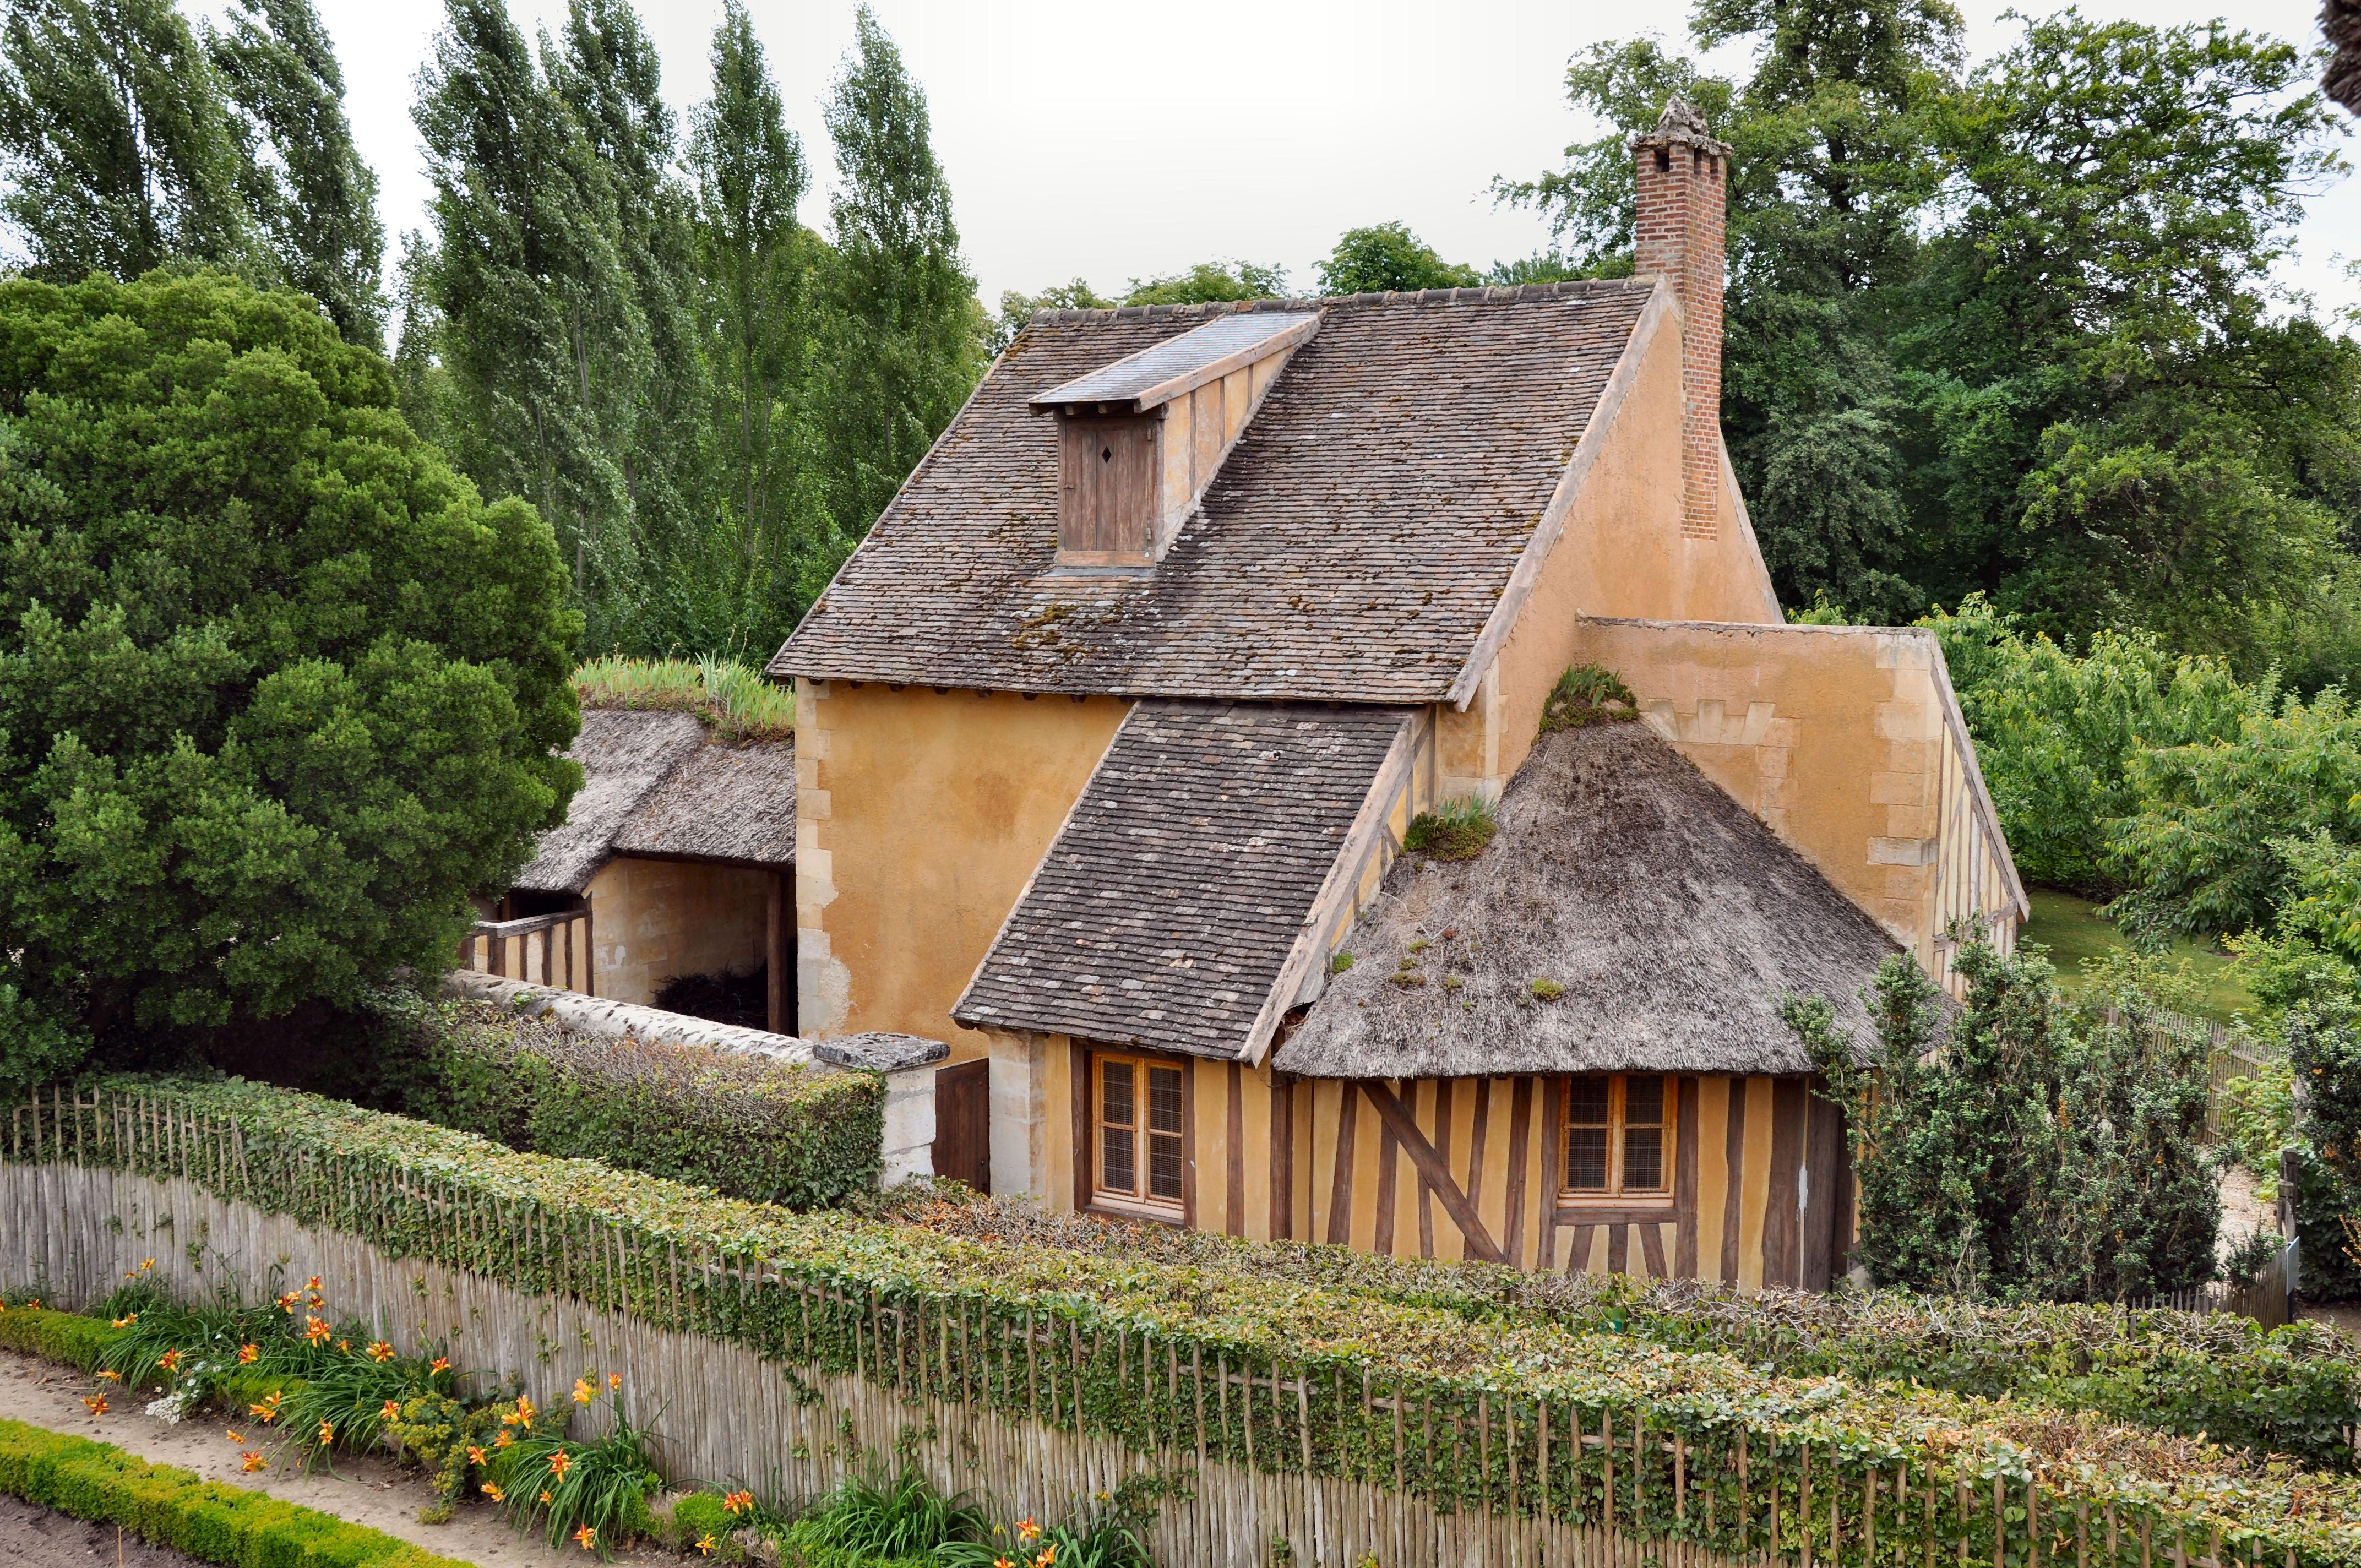 http://upload.wikimedia.org/wikipedia/commons/6/63/R%C3%A9chauffoir_au_hameau_de_la_Reine_%281%29.jpg